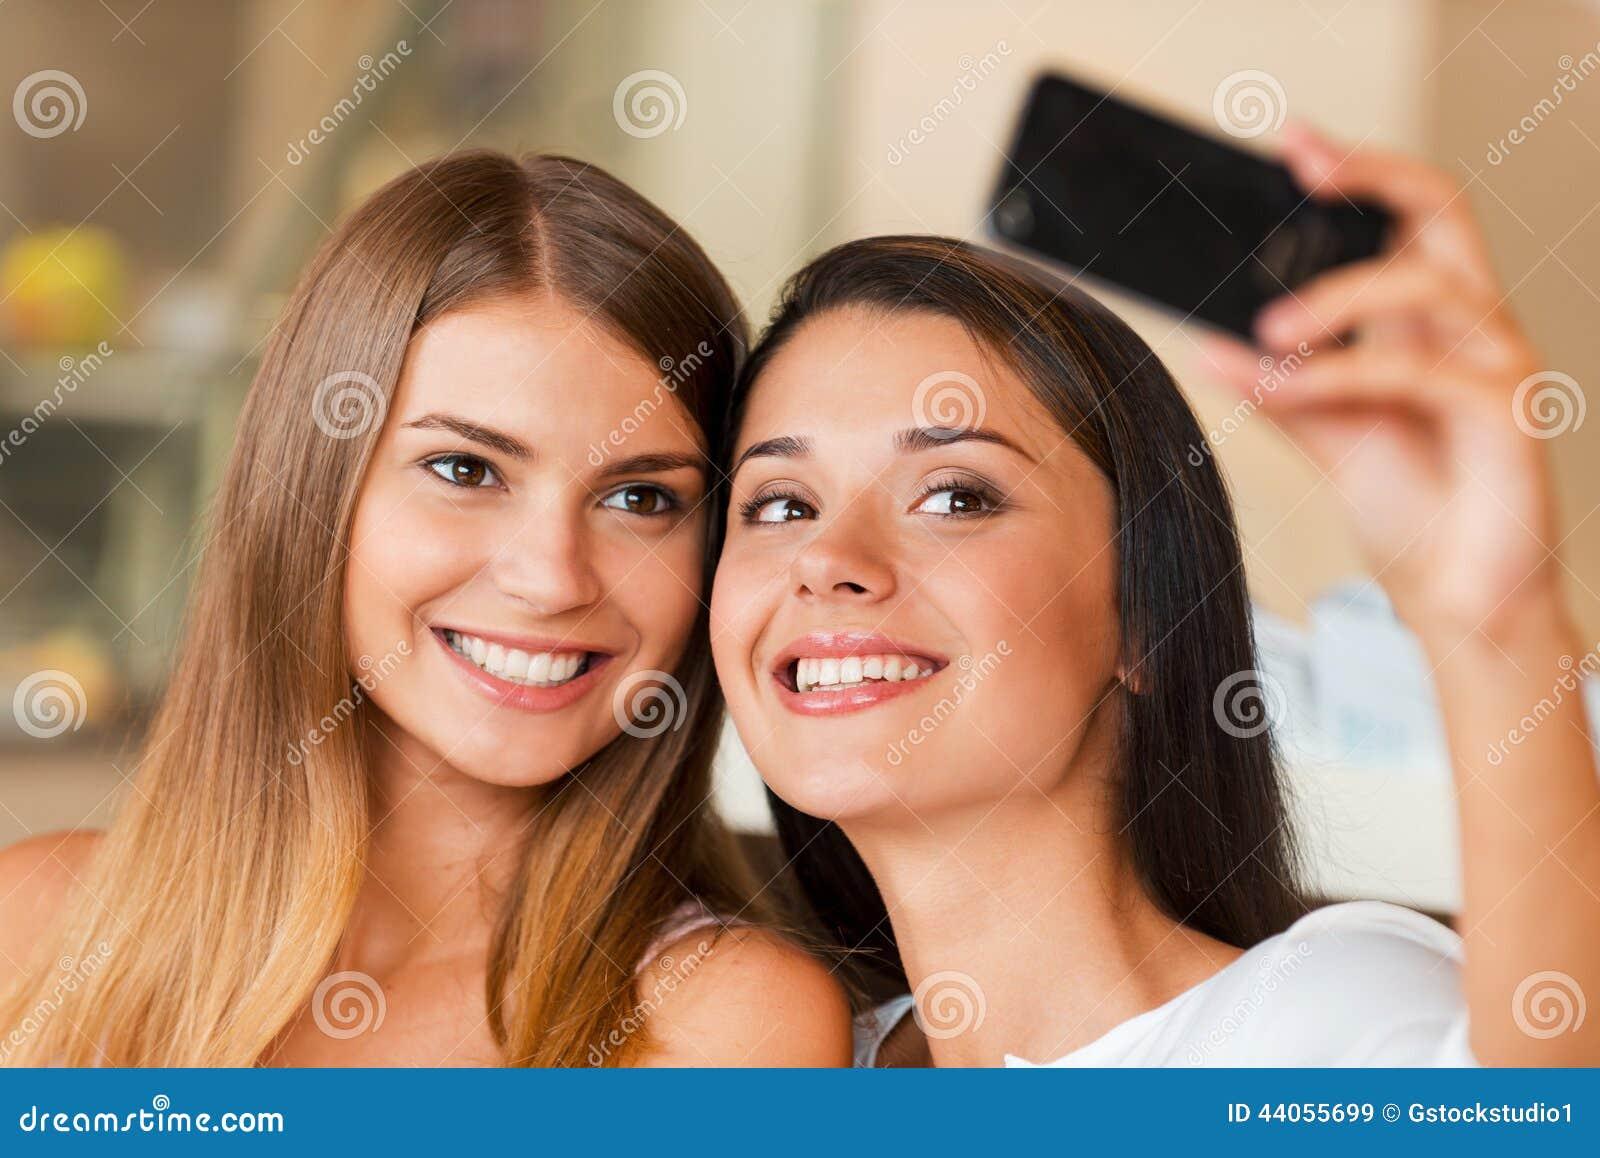 Amiamo fare il selfie! immagine stock. Immagine di lifestyles - 44055699 f7c5683852b